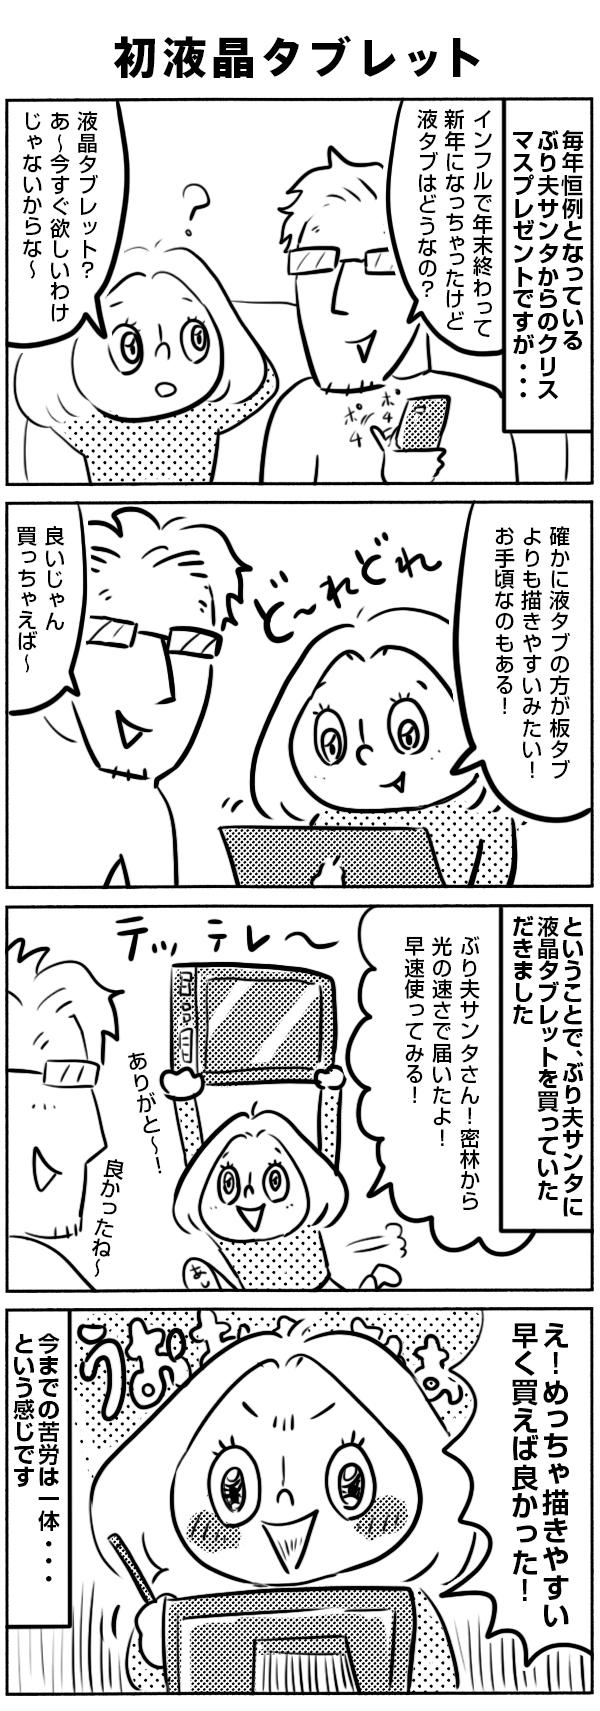 【四コマ漫画】液晶タブレットデビュー!!GAOMON PD1560の使い心地はいかほど〜